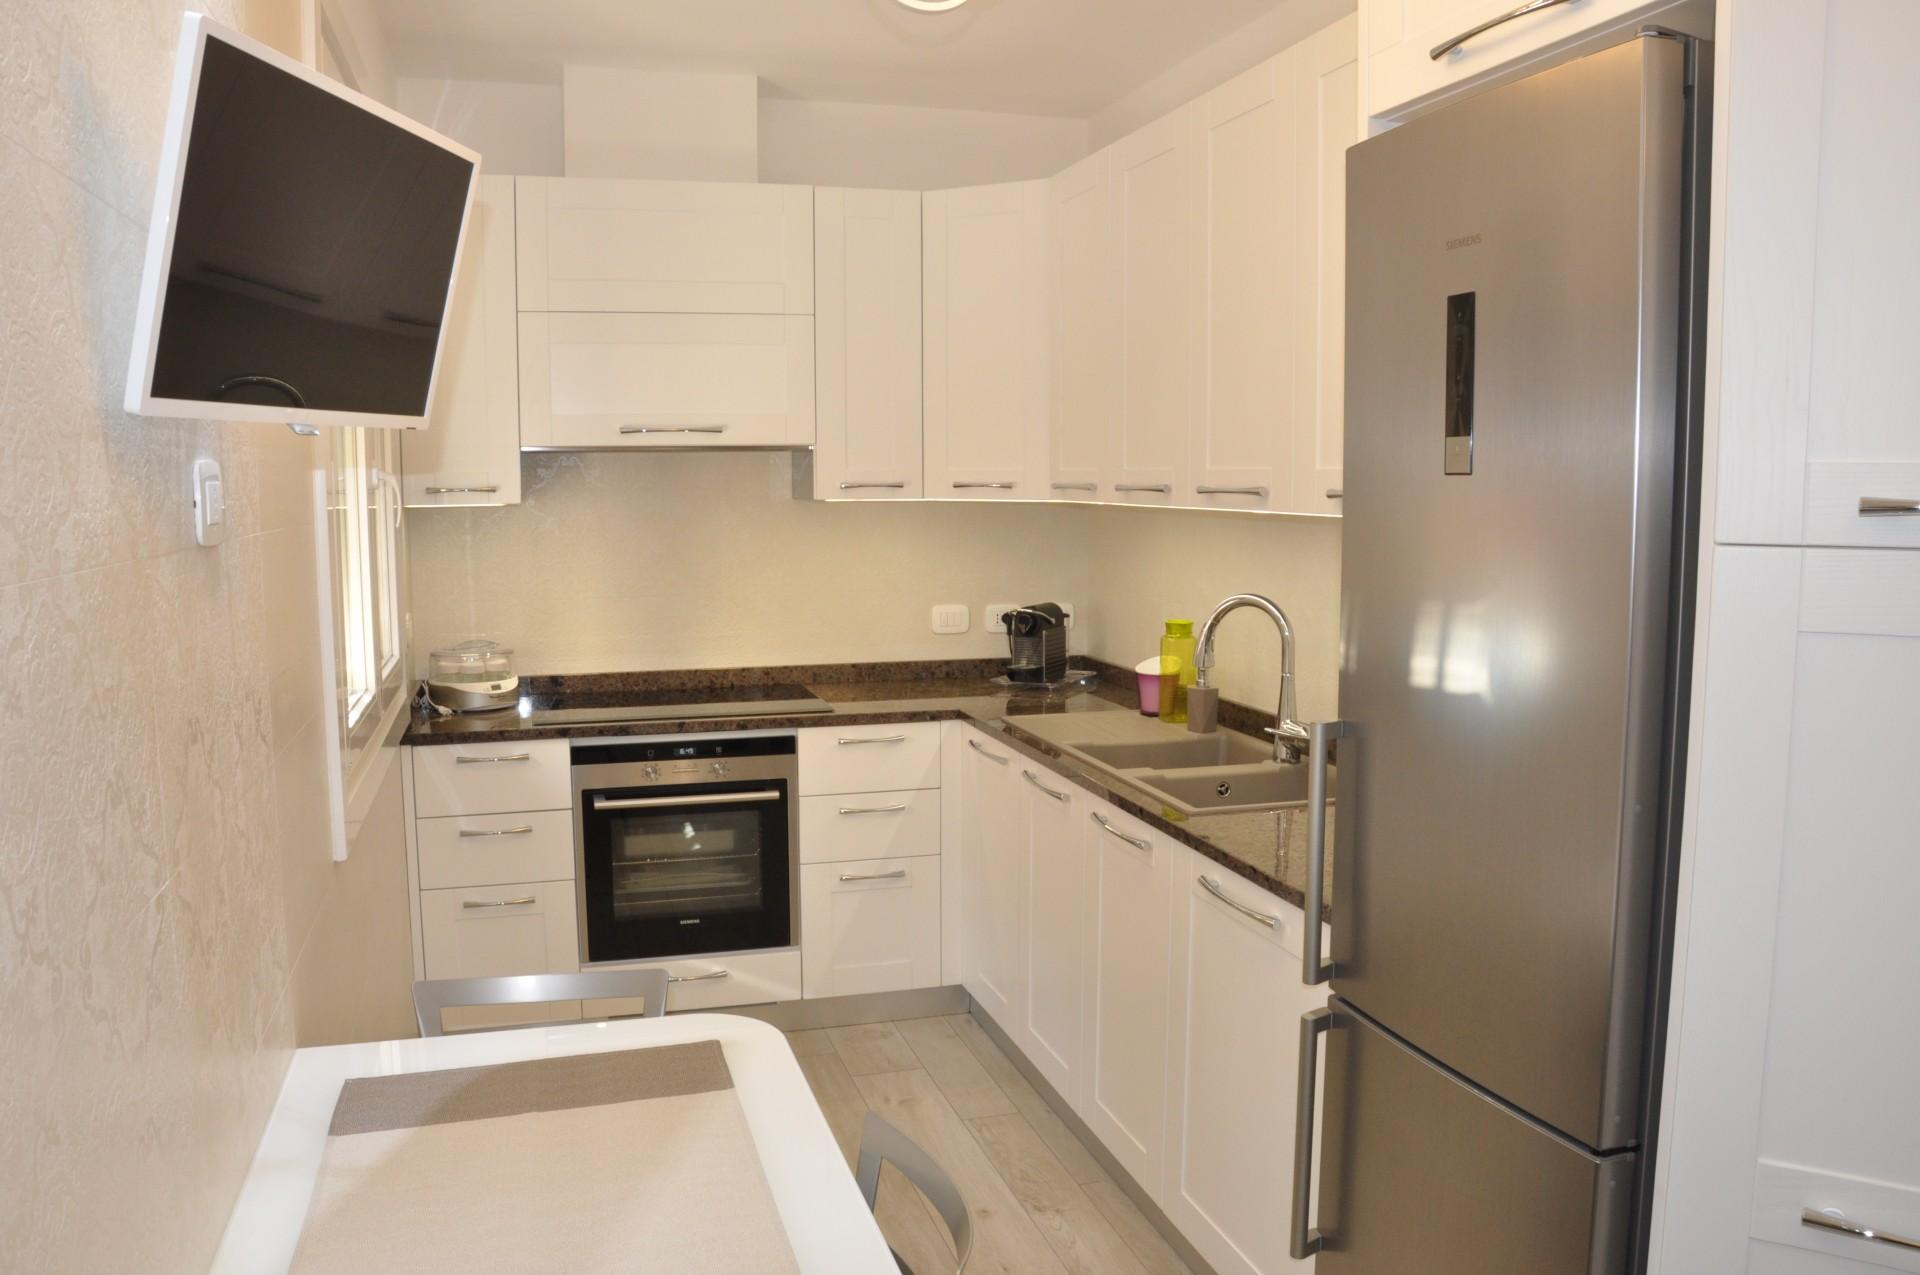 Cucina costruita in legno di rovere su misura fadini mobili cerea verona - Mobili cucina moderna ...